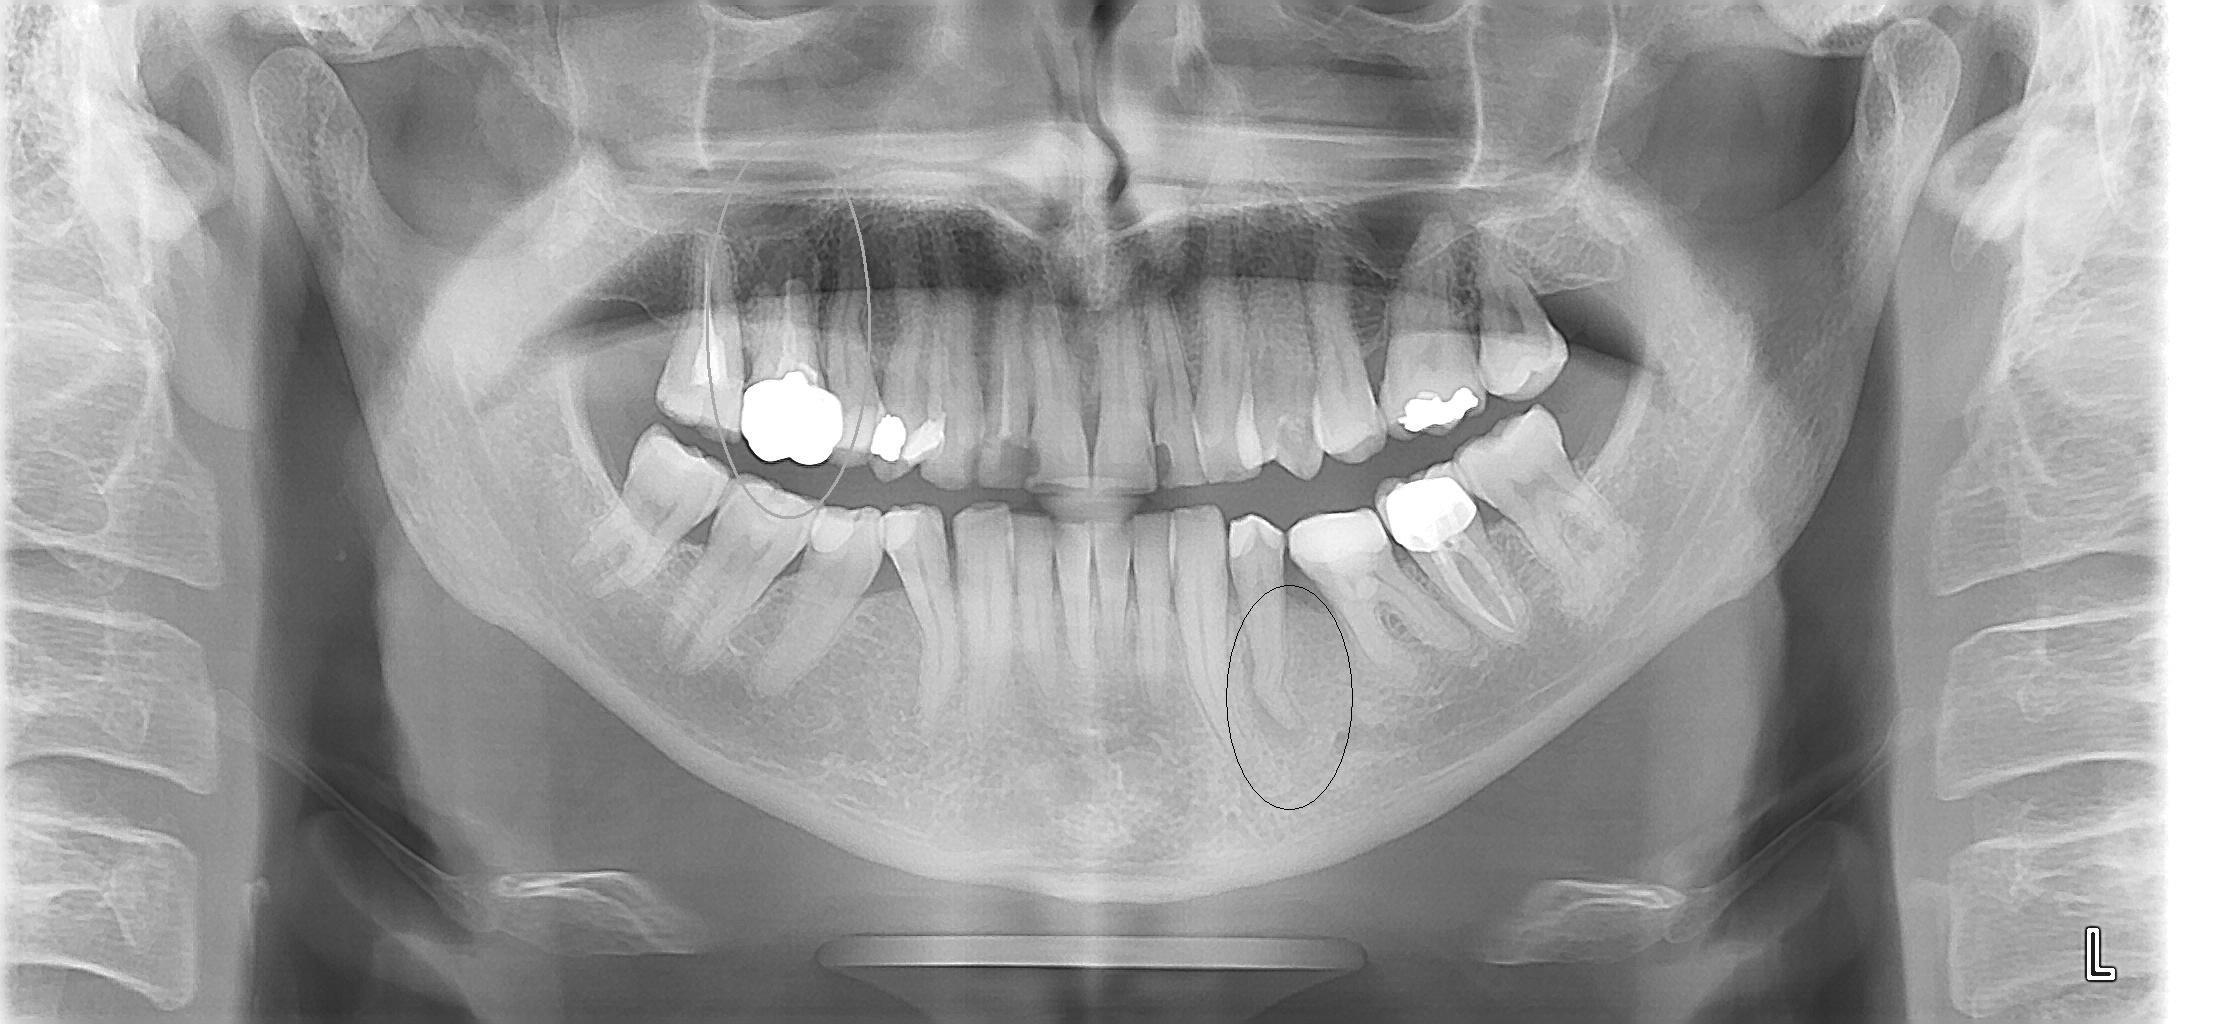 Mi hanno cosigliato la devitalizzazione con apicectomia del dente per un granuloma.